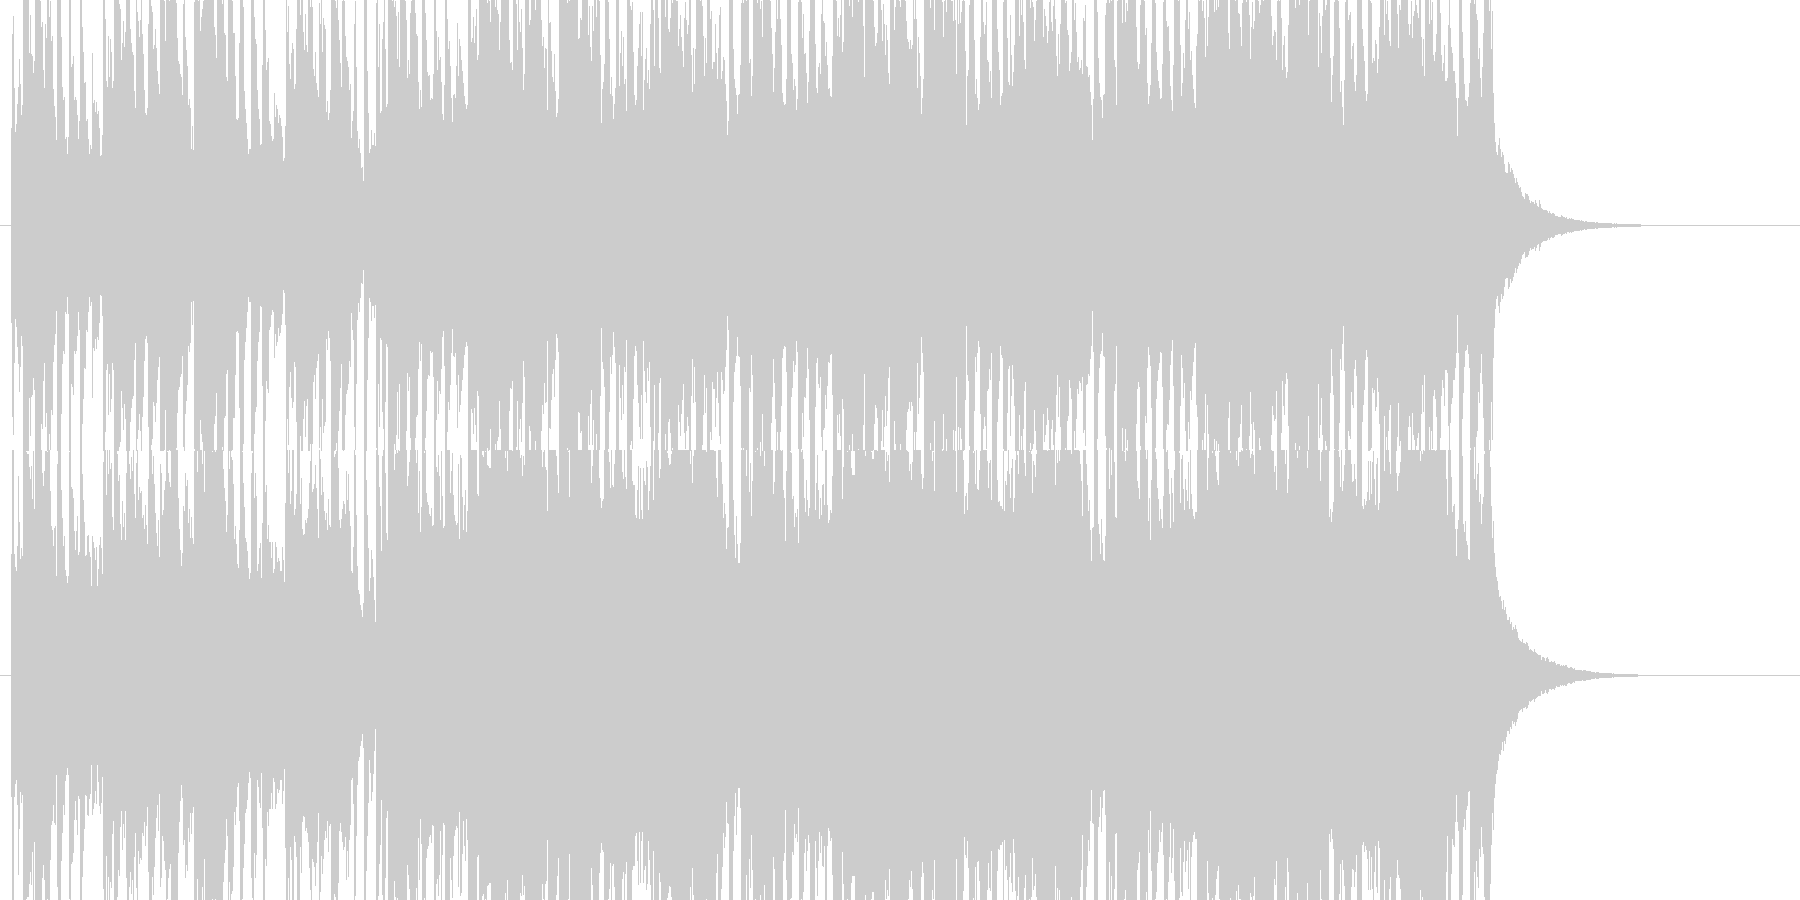 太鼓、琴、弦の和風曲の未再生の波形